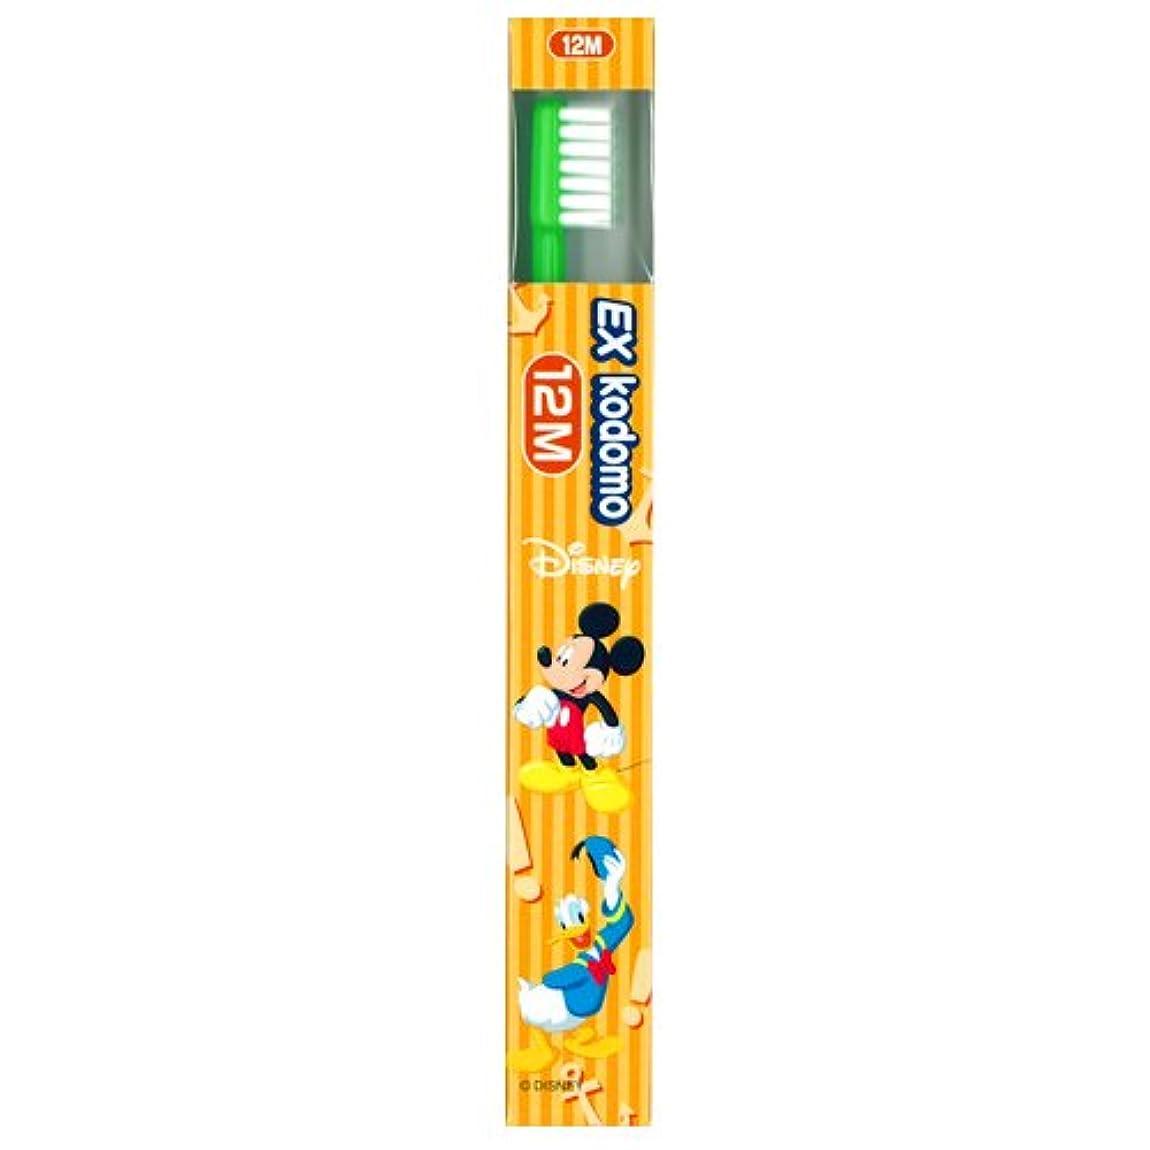 キャンプごめんなさい変位ライオン EX kodomo ディズニー 歯ブラシ 1本 12M グリーン